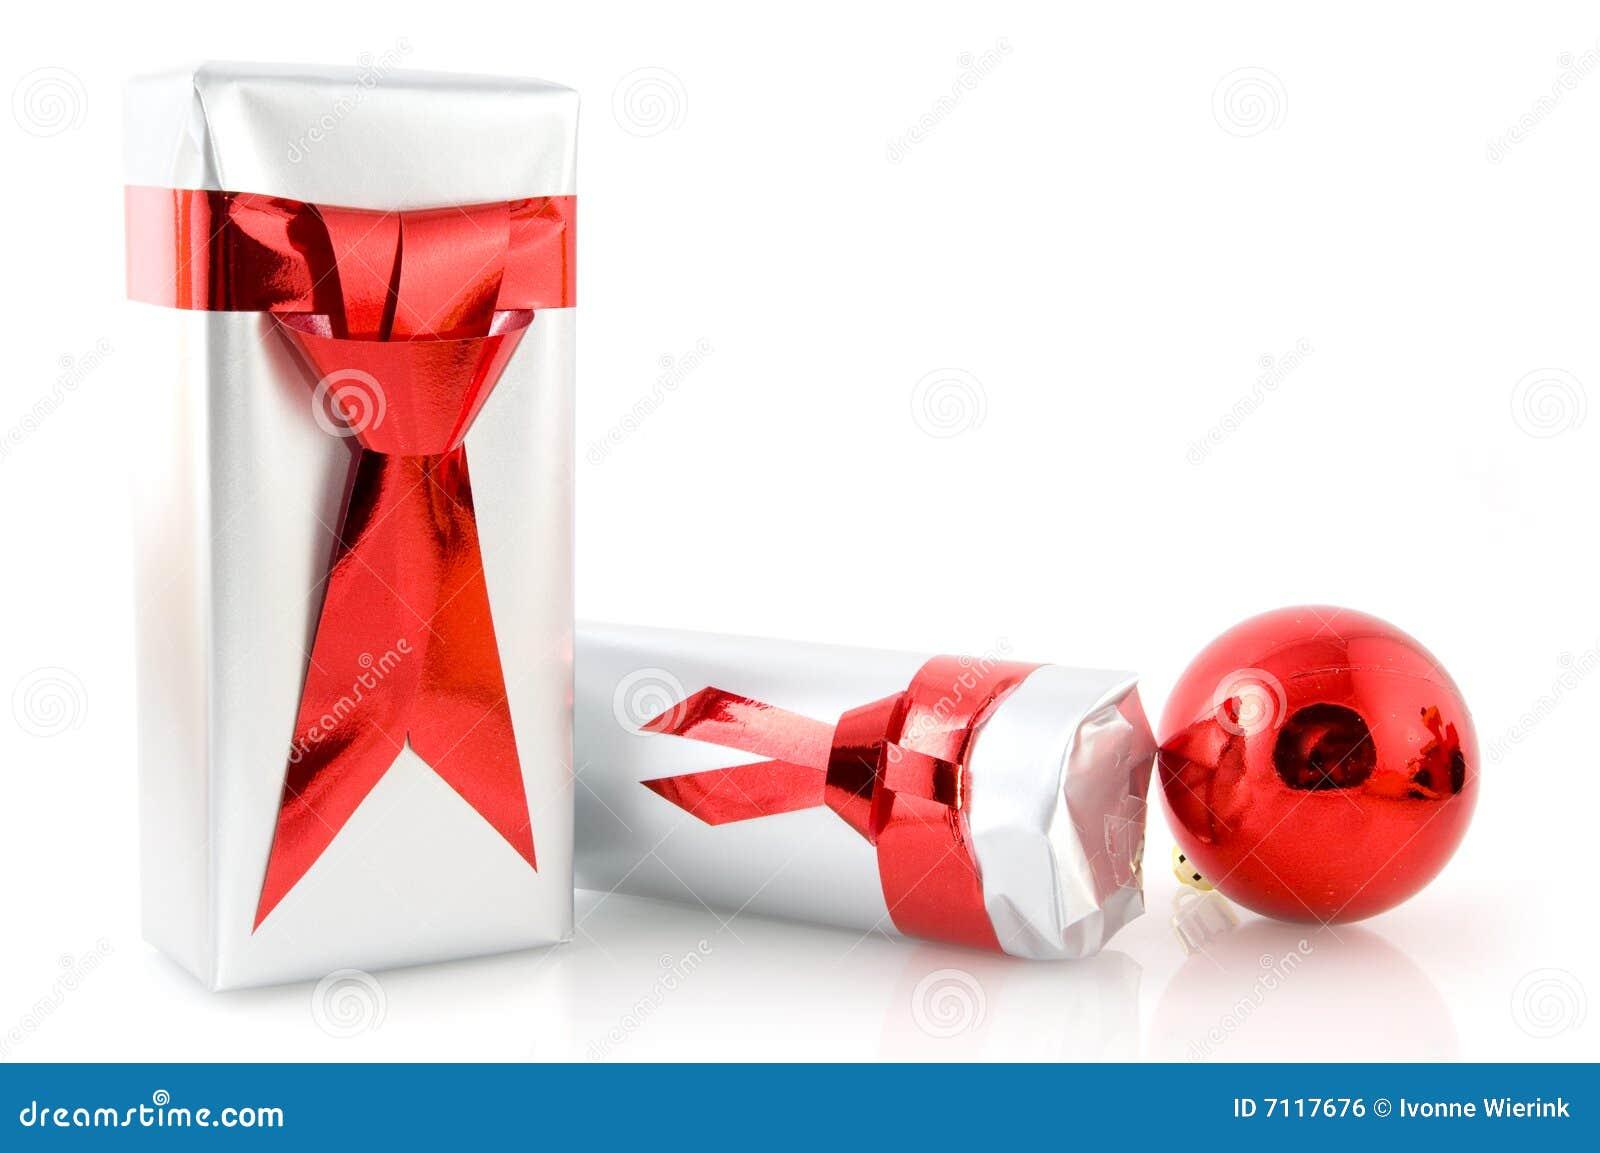 Regalos de navidad para los hombres - Regalos para hombres en navidad ...